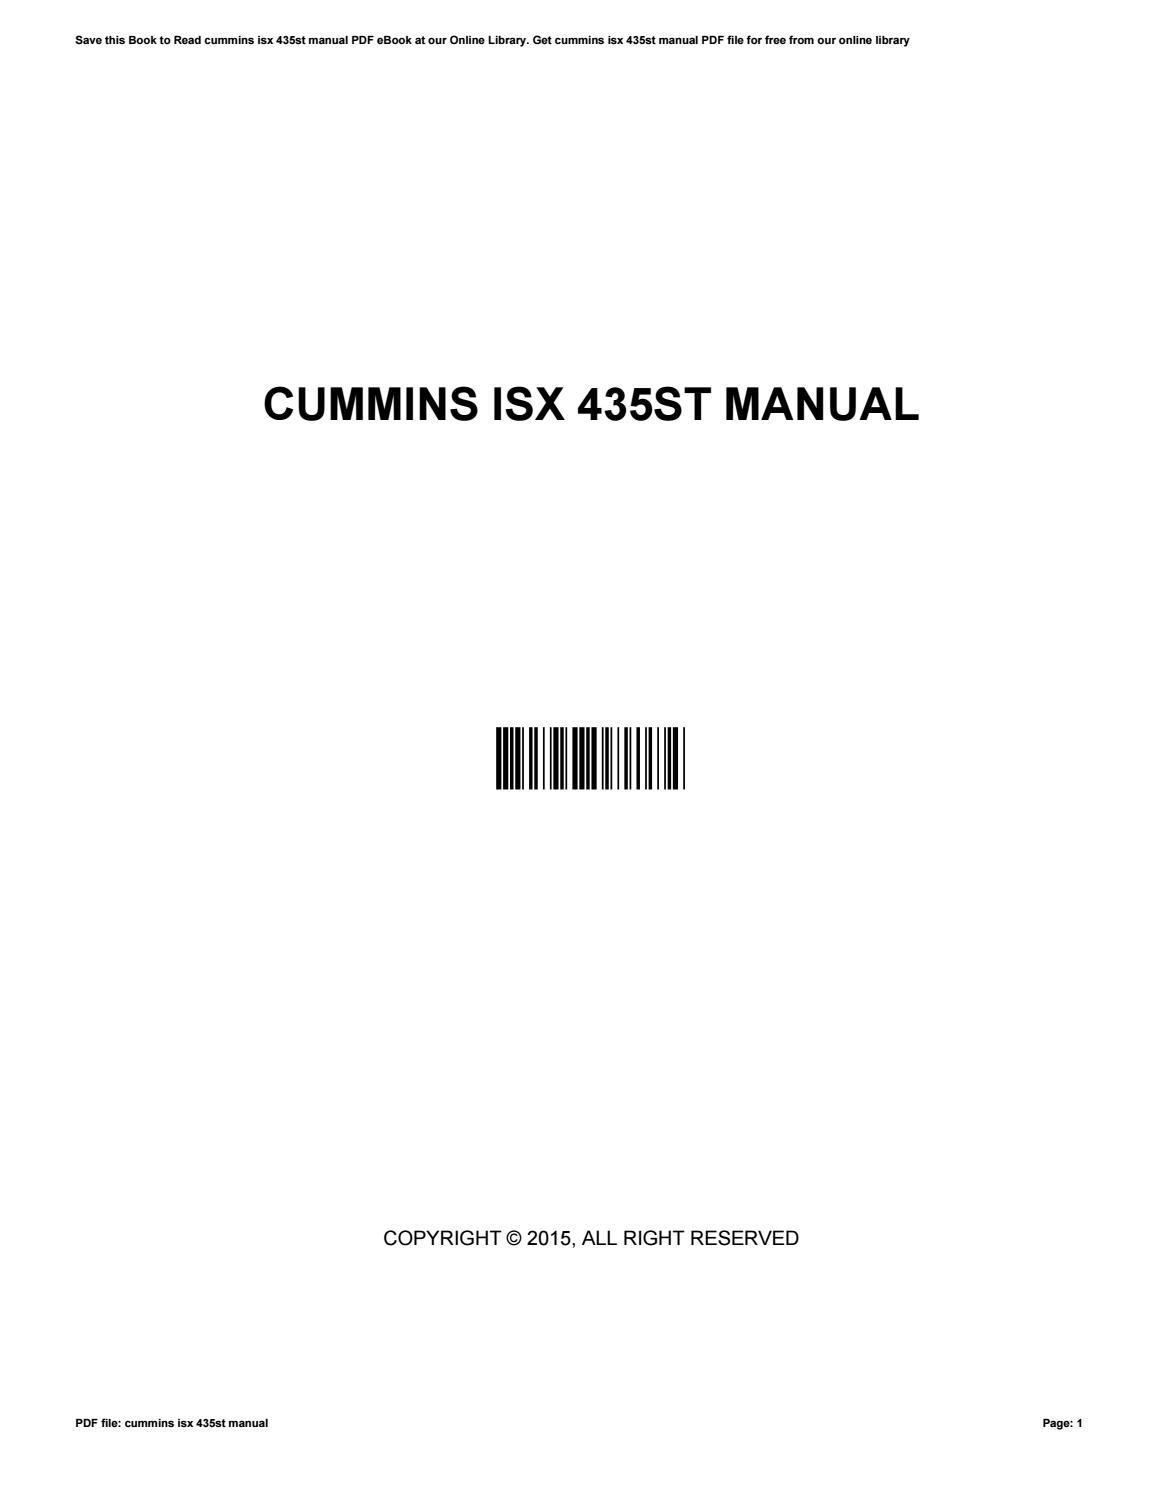 Cummins isx diagnostic codes | Cummins Fault Codes  2019-03-02